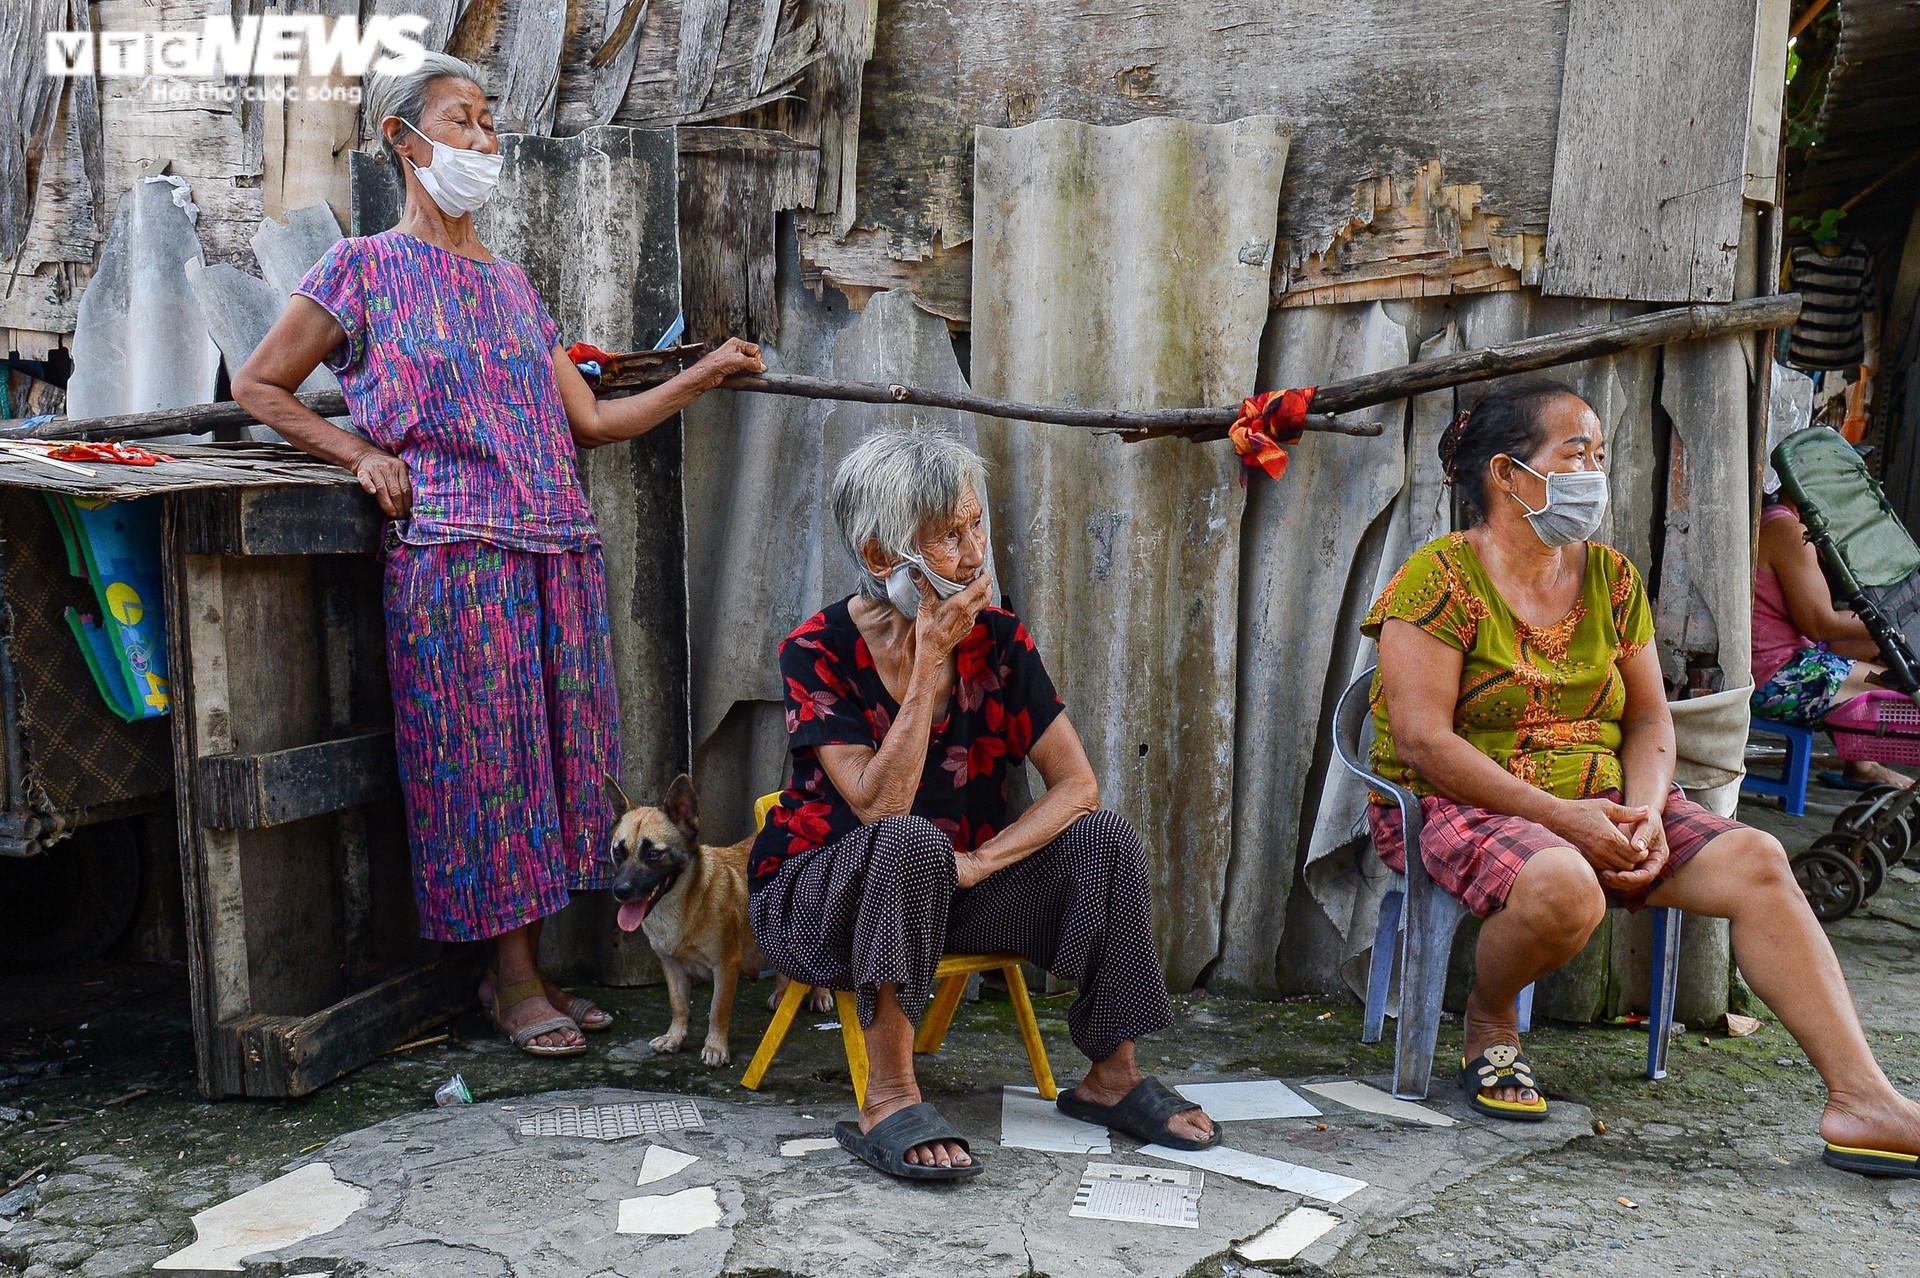 Hà Nội: Trung thu ấm áp của những đứa trẻ nghèo ở chân cầu Long Biên - 13